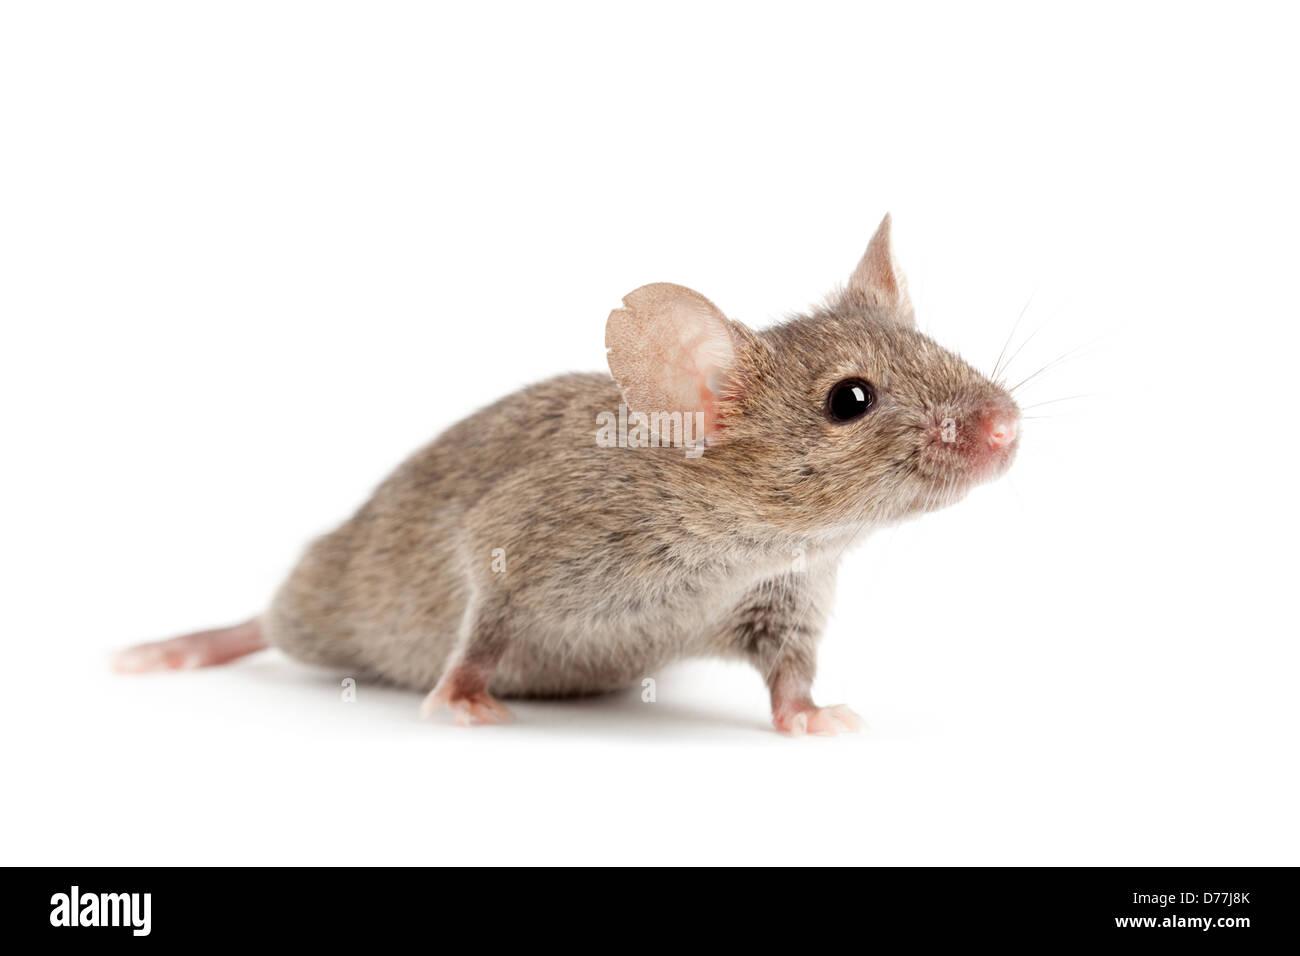 Maus-Closeup isoliert auf weißem Hintergrund Stockbild